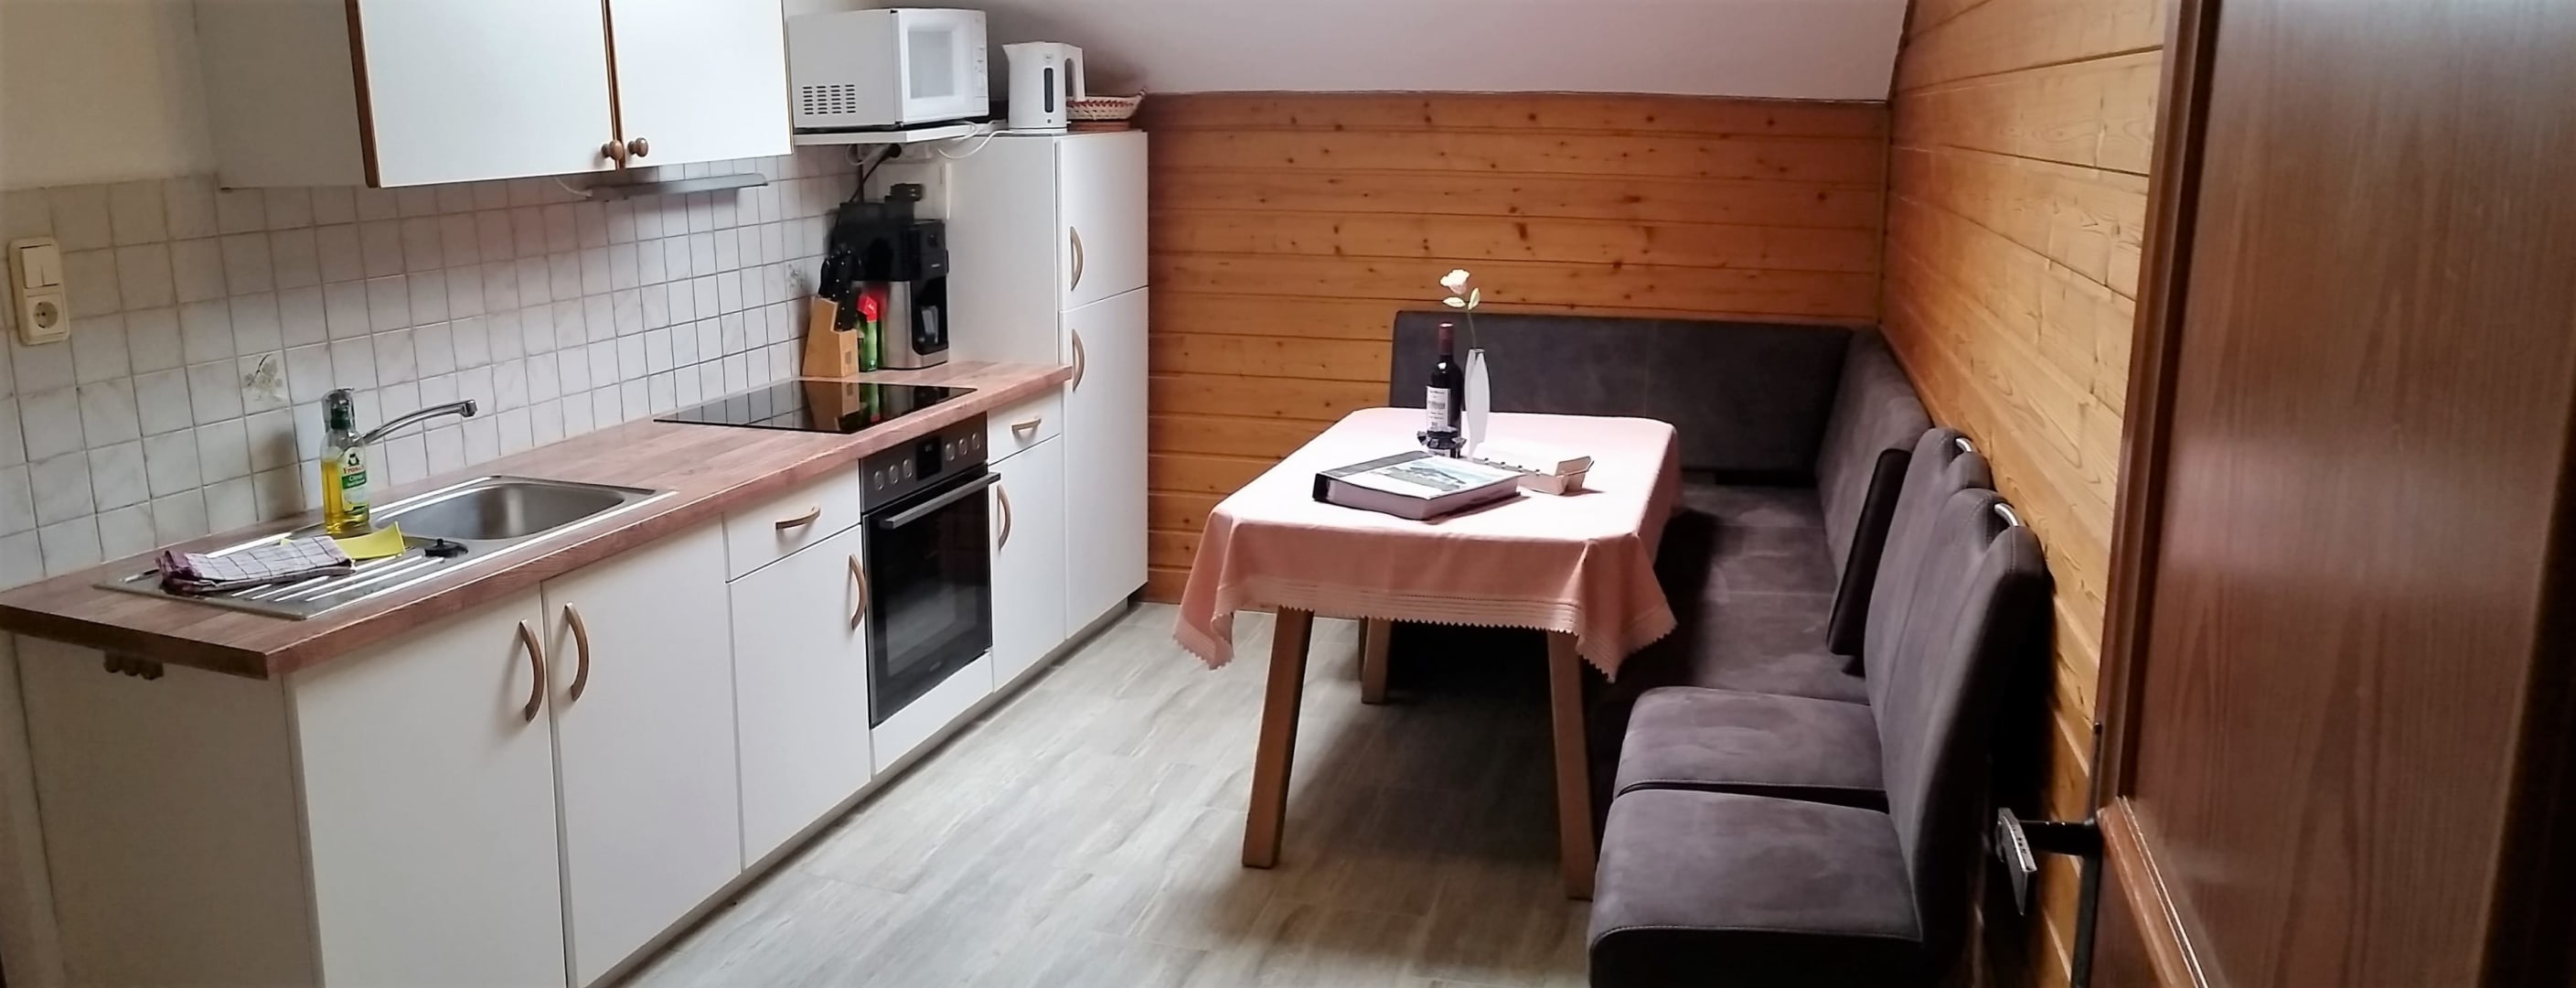 Wohnung II für 4 Personen